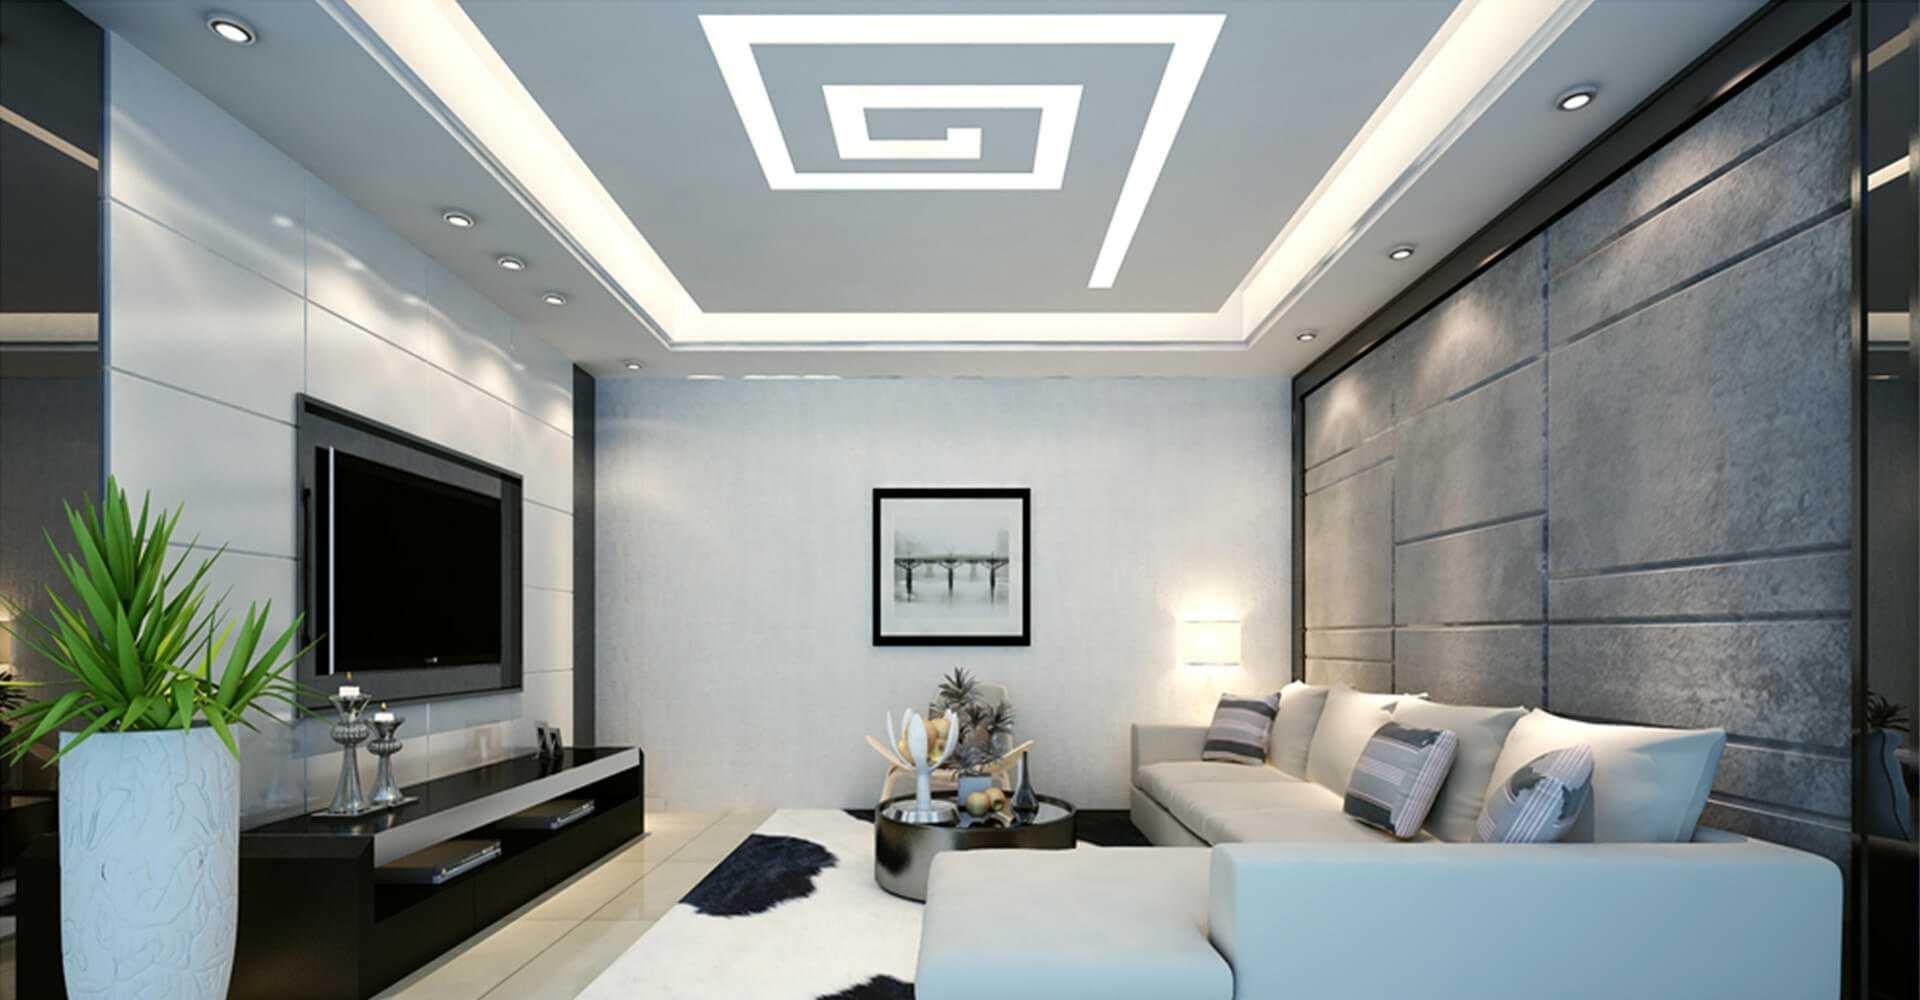 trần thạch cao phòng khách nhà ống 8